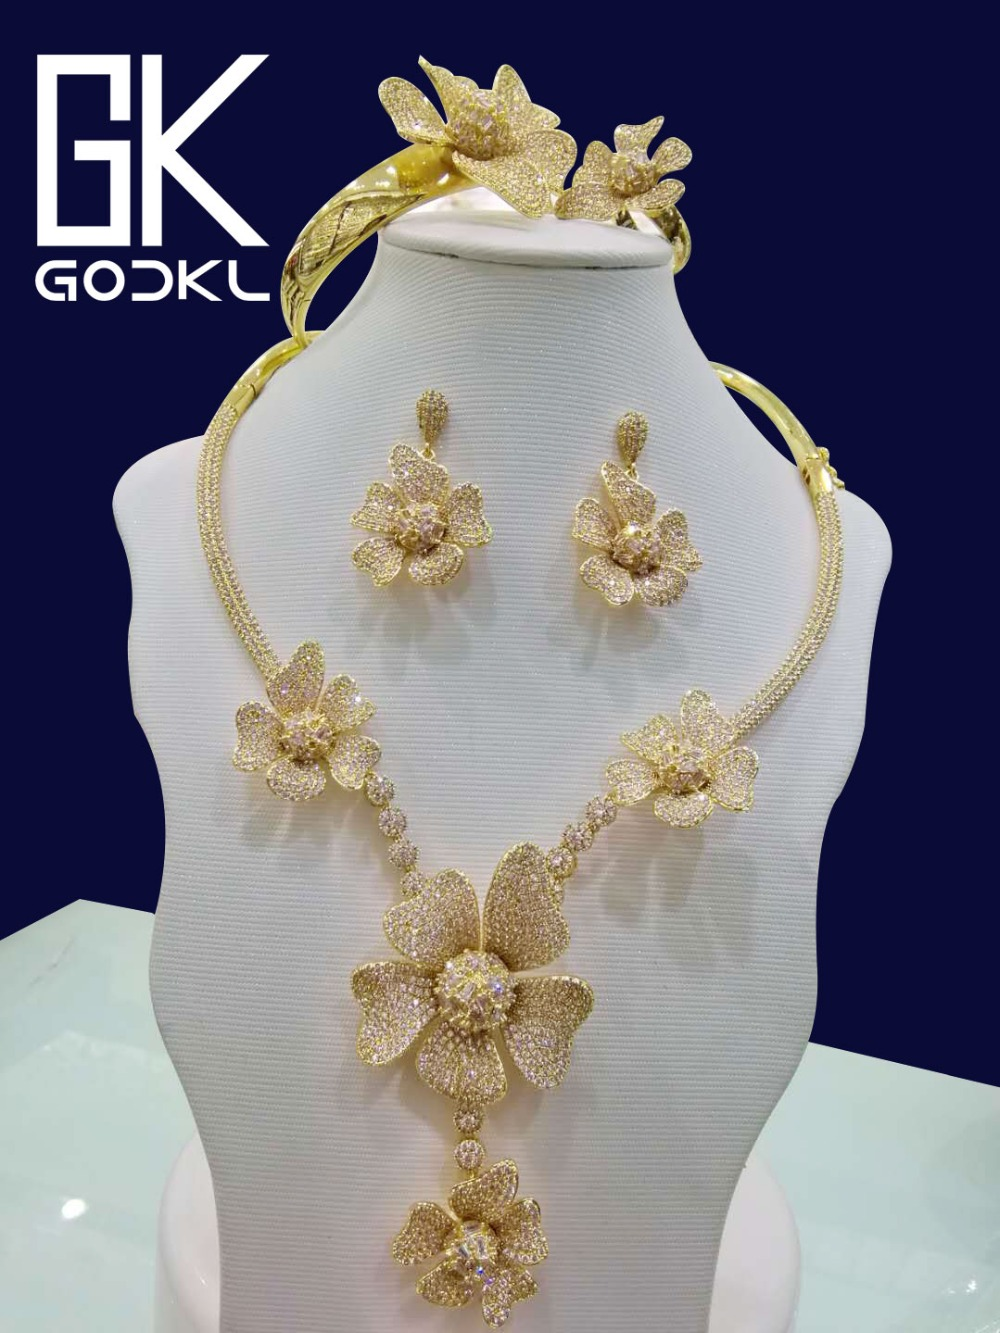 GODKI الفاخرة دبي الذهب والمجوهرات مجموعات للنساء الزفاف مكعب زركونيا زهرة الأفريقي مجموعات مجوهرات النيجيري مجوهرات الزفاف مجموعات-في أطقم المجوهرات من الإكسسوارات والجواهر على  مجموعة 1